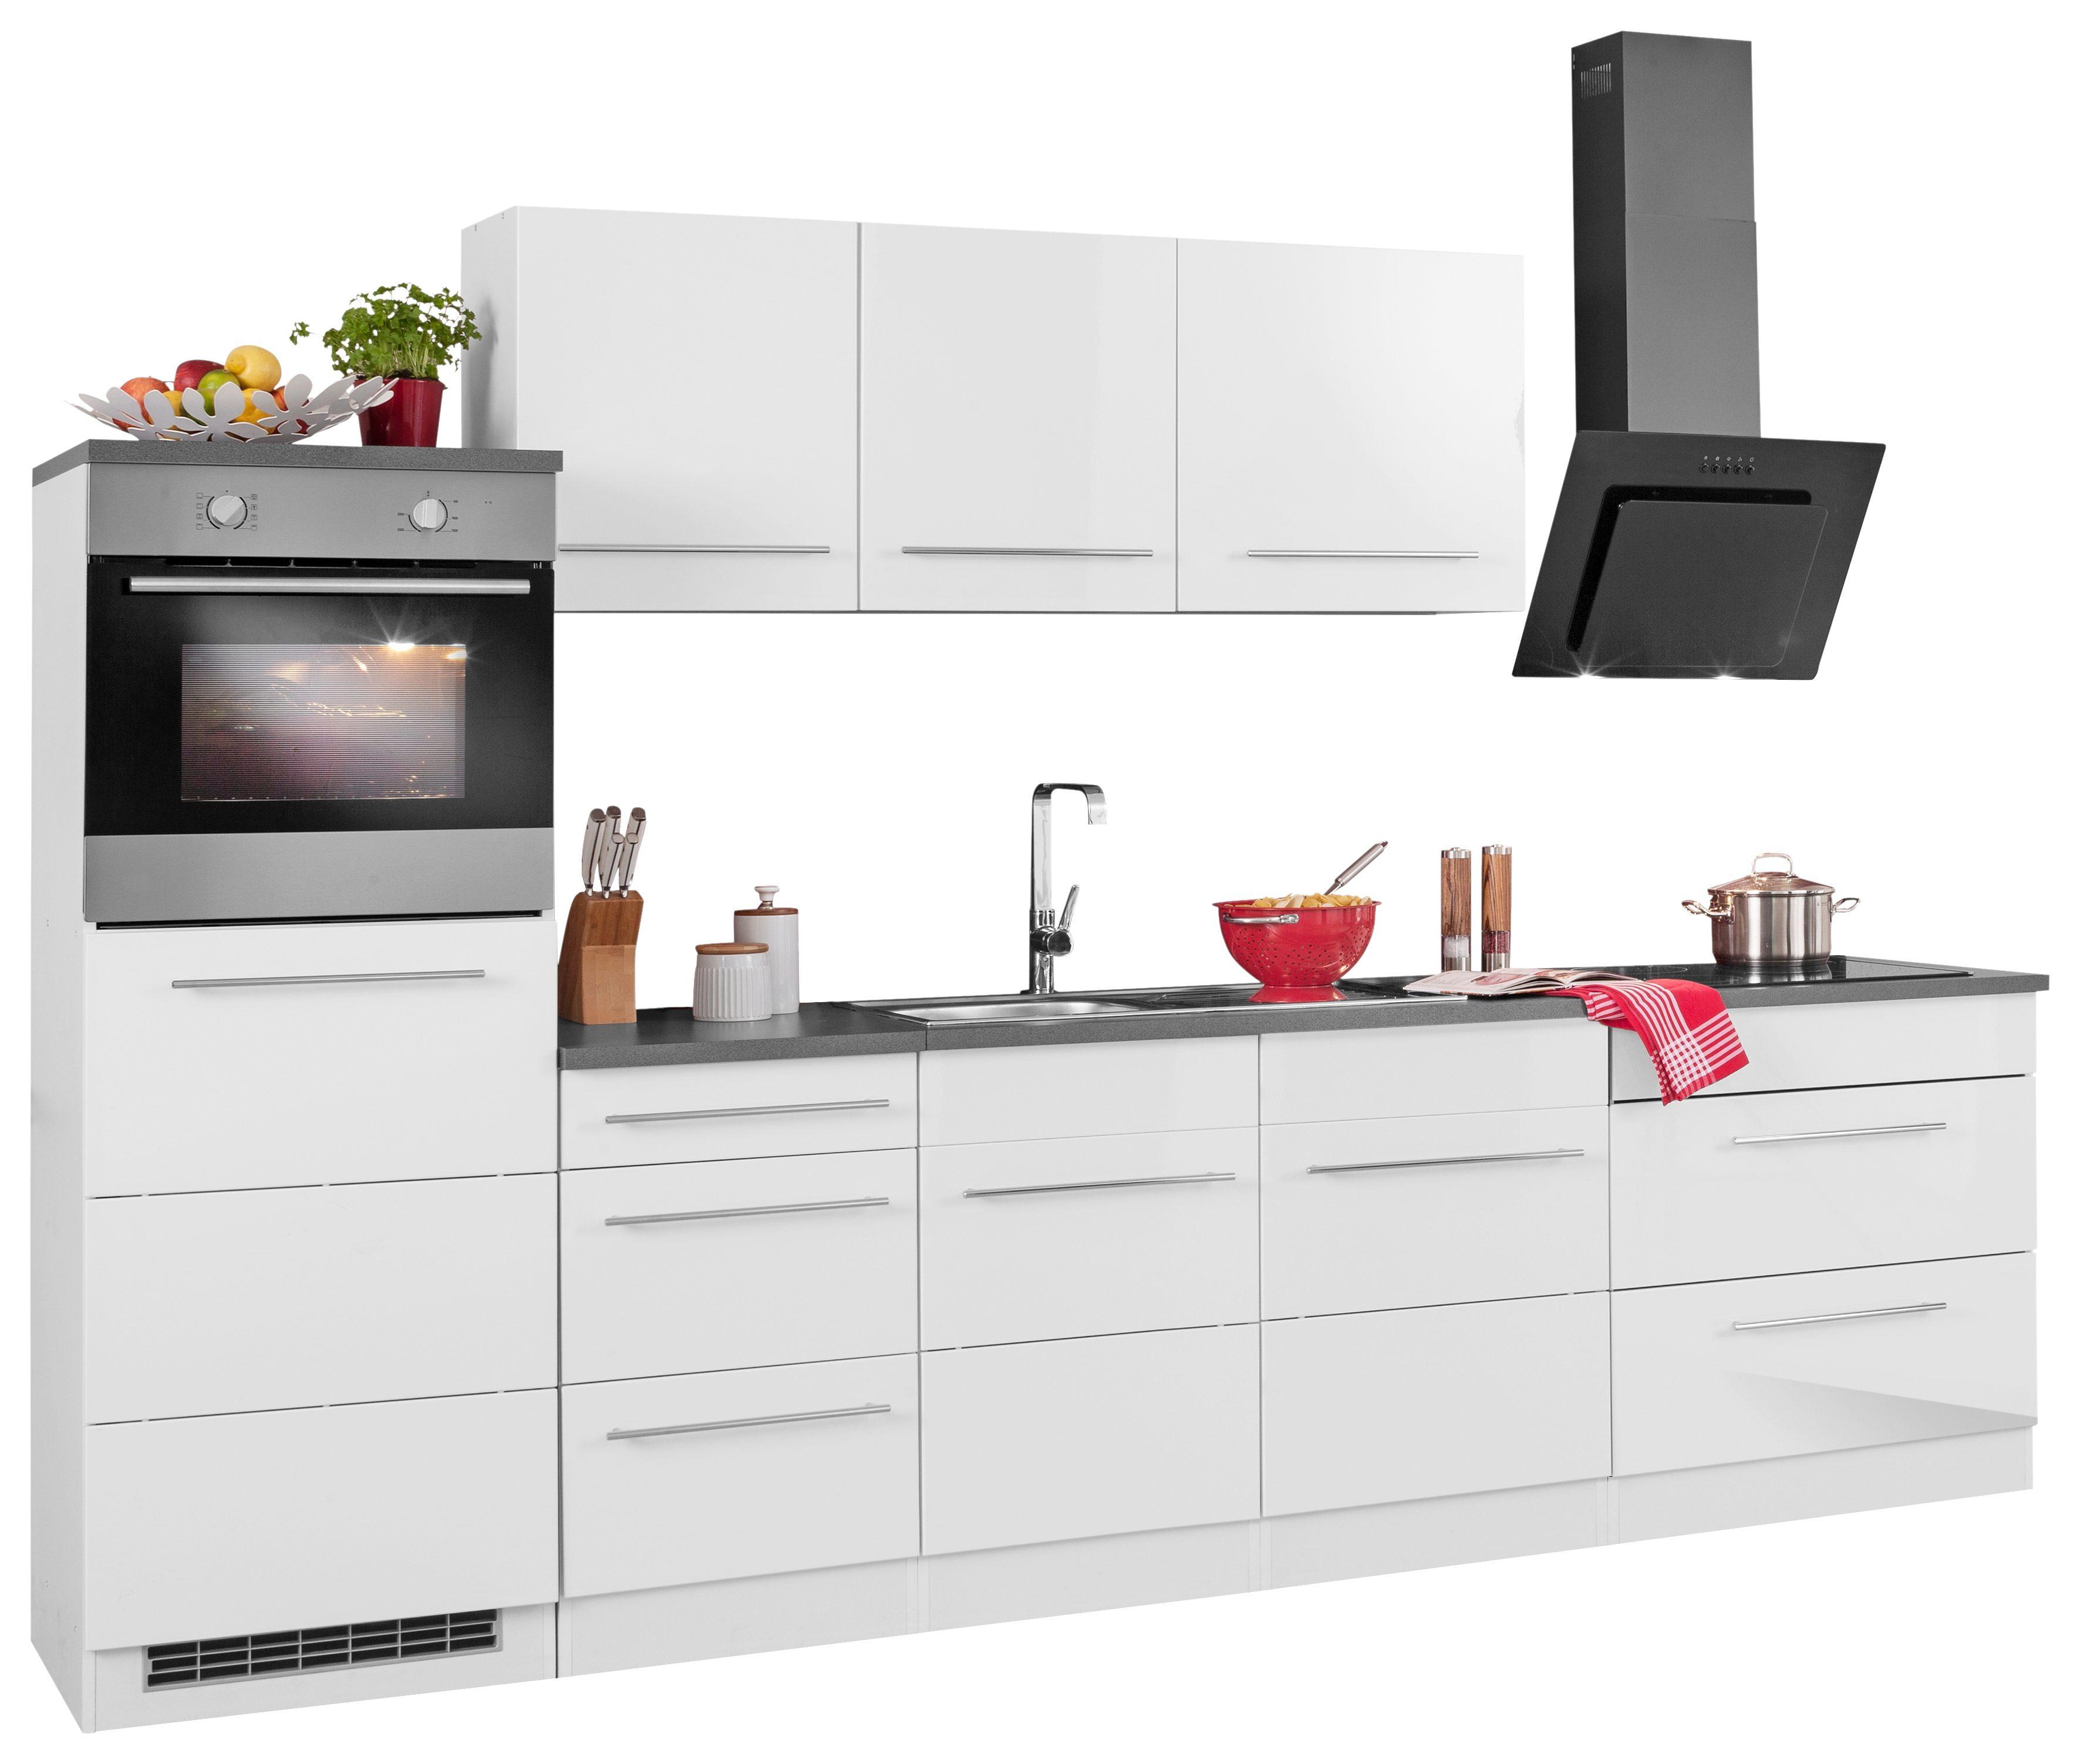 HELD MÖBEL Küchenzeile mit E-Geräten Trient Breite 290 cm Preisvergleich